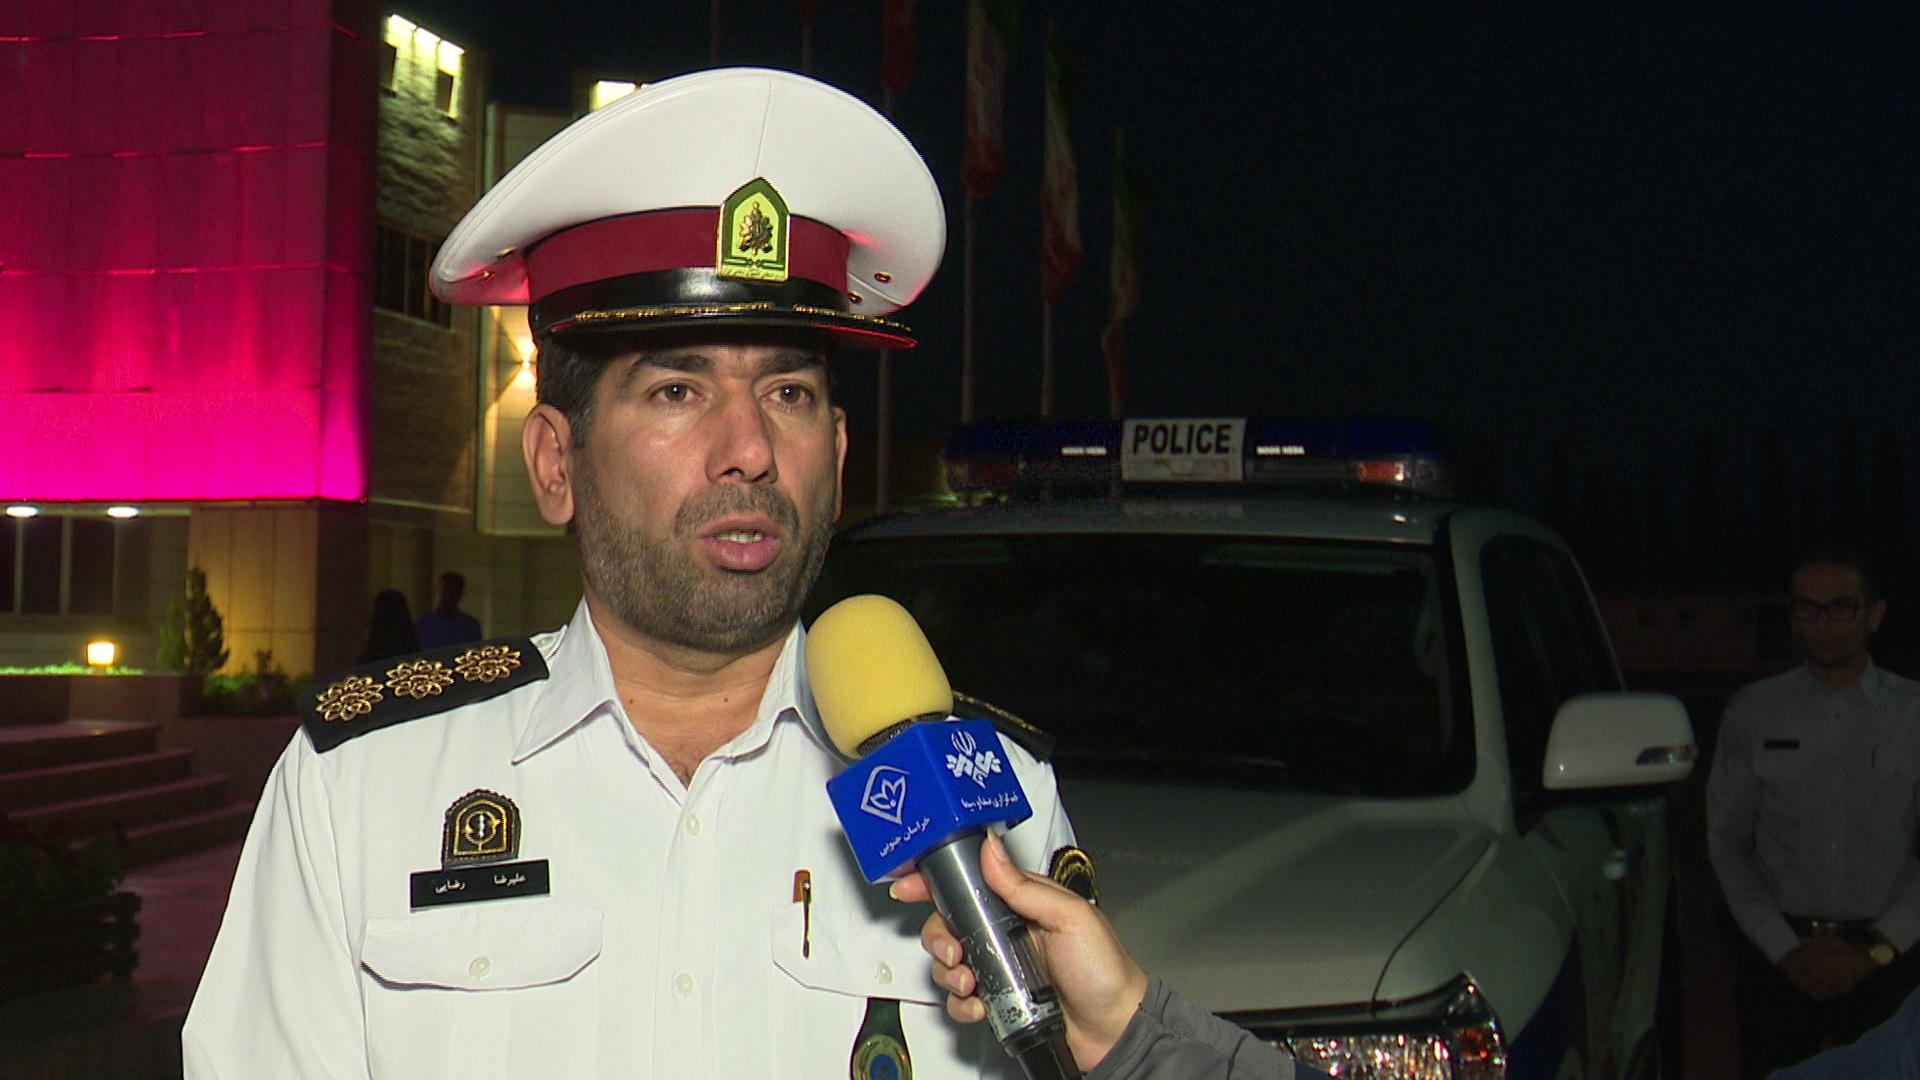 آغاز طرح تابستانه پلیس در جاده های استان از اول تیر